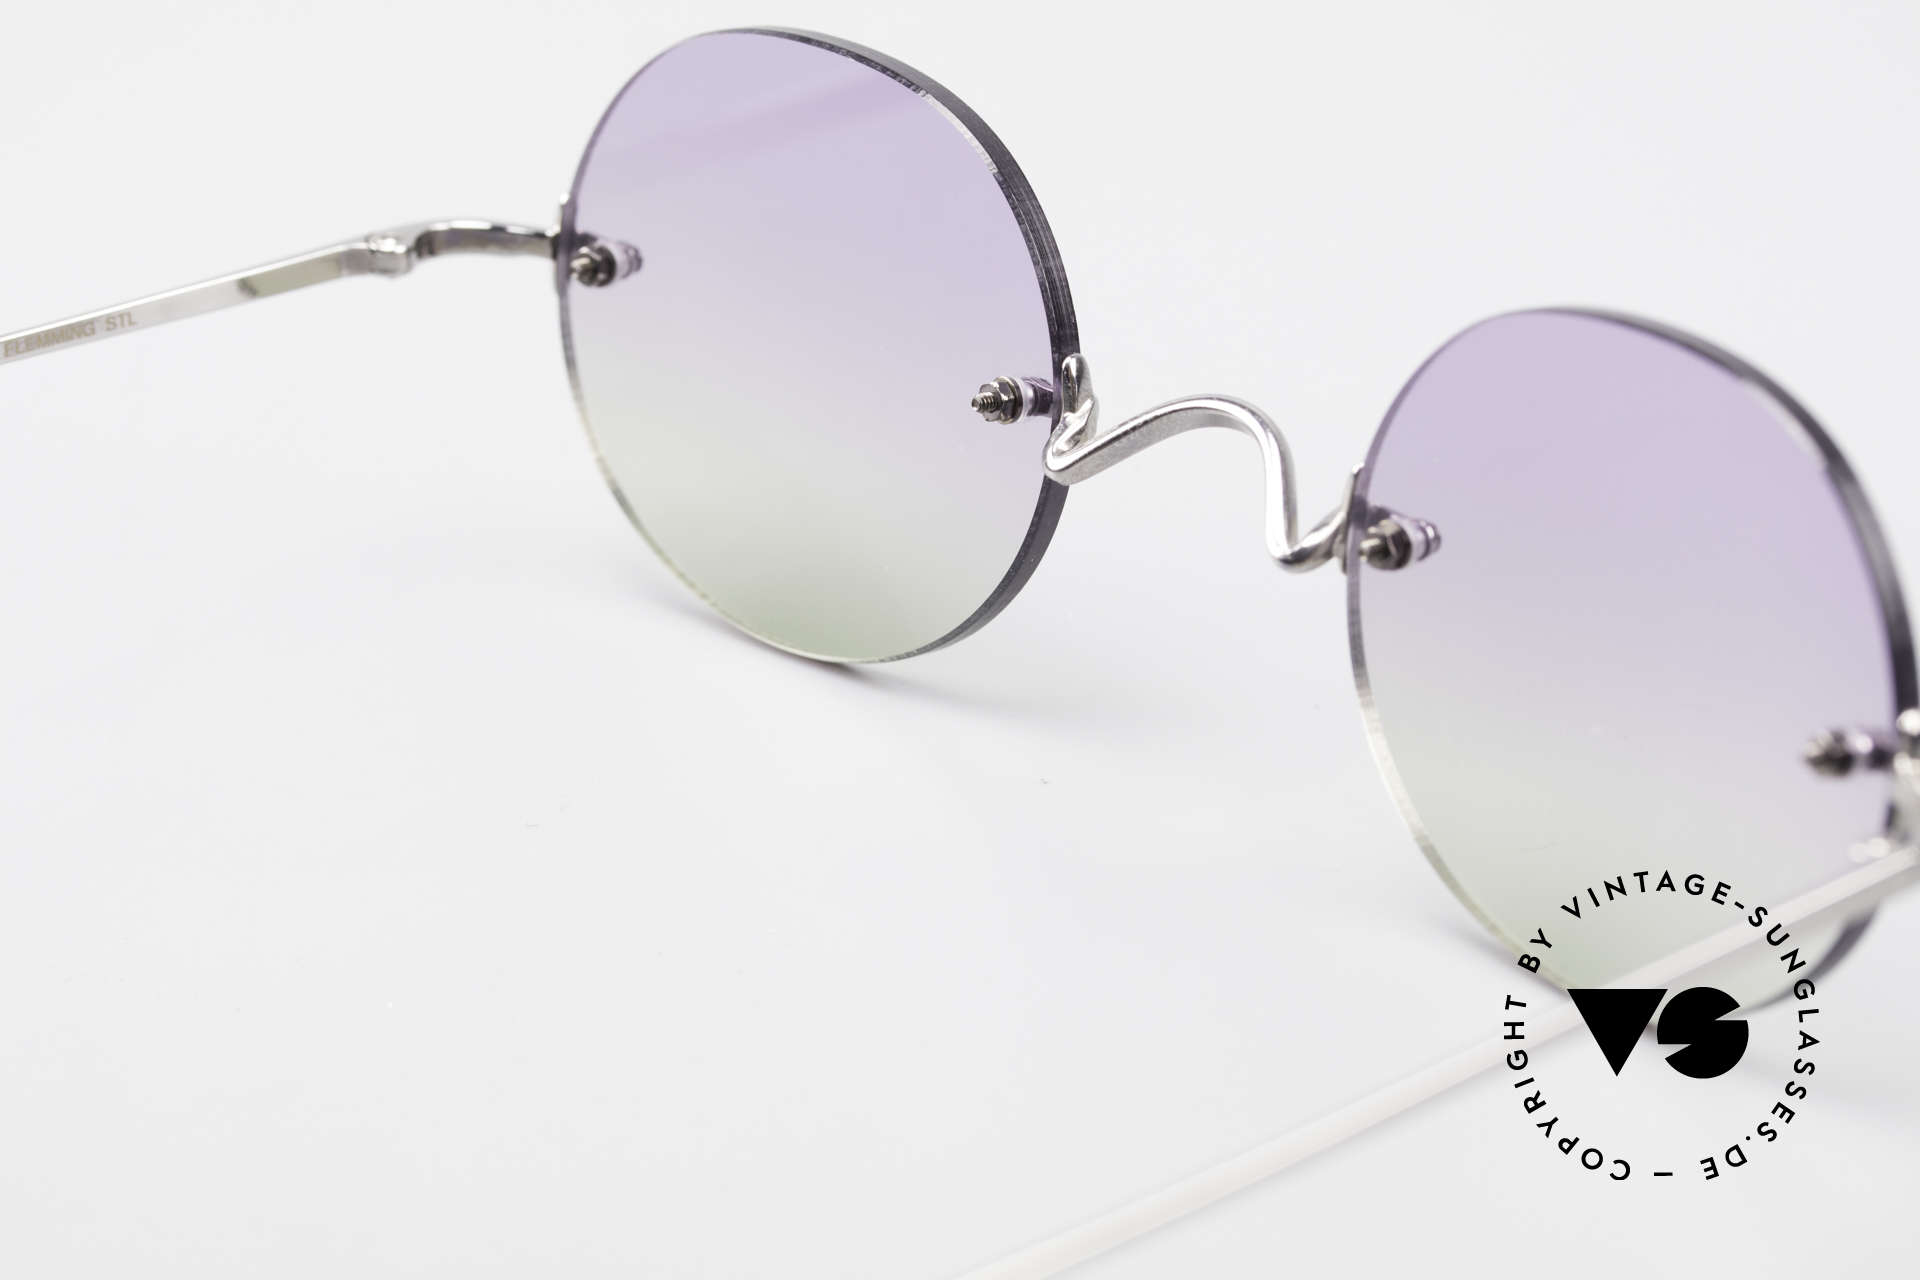 Freudenhaus Flemming Runde Sonnenbrille Randlos, sehr schönes Accessoire; durchaus auch abends tragbar, Passend für Herren und Damen